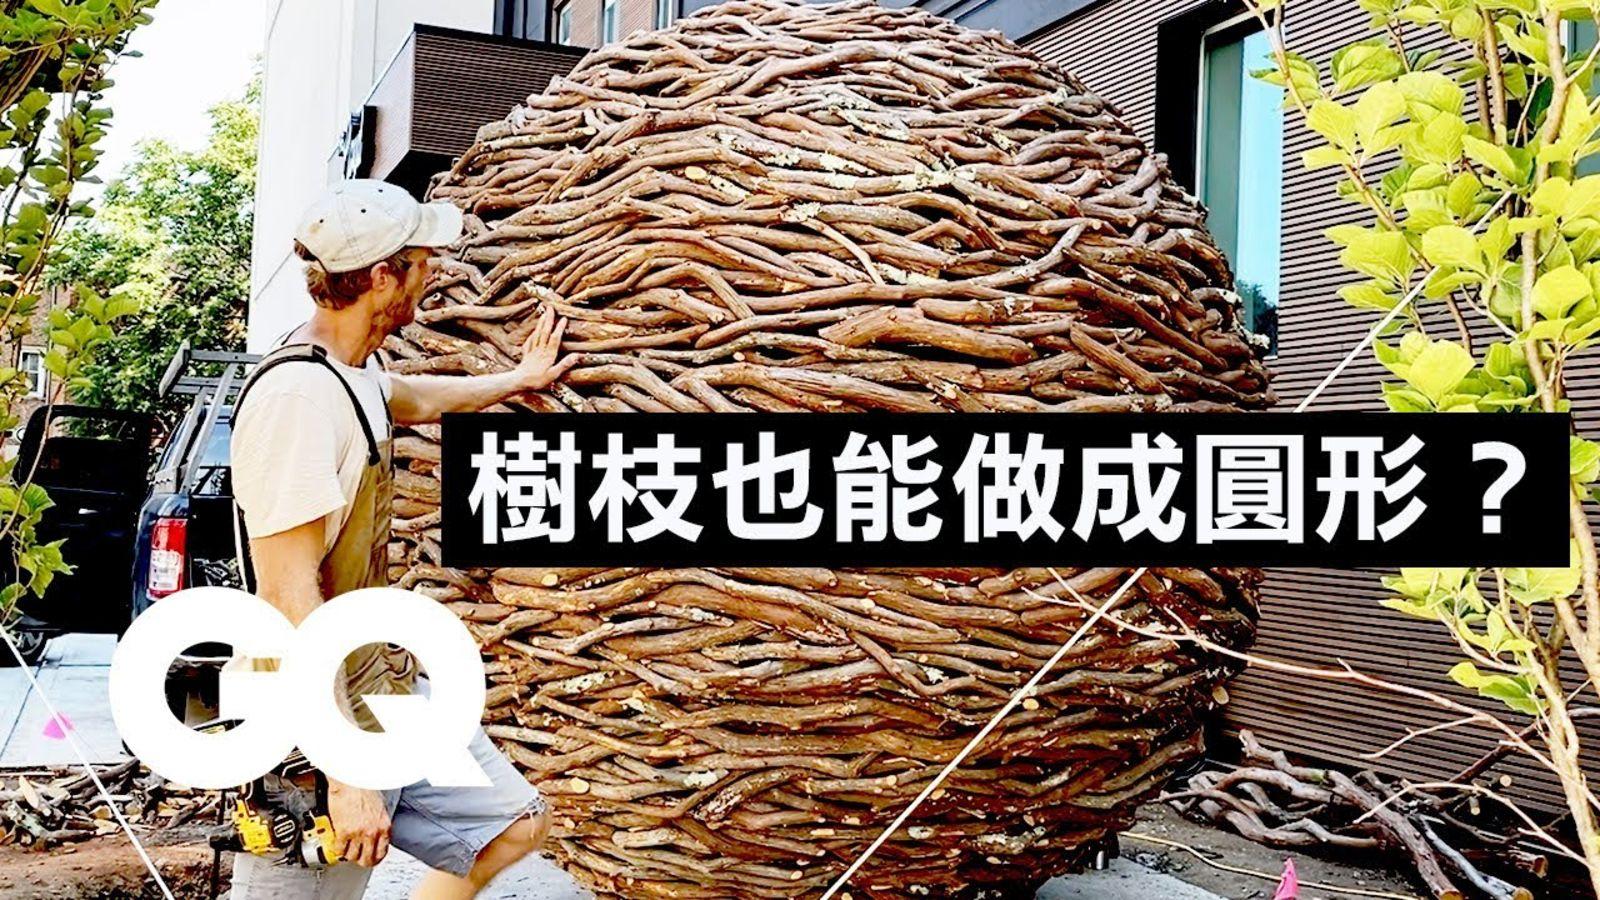 這個男人如何用樹枝編織成各種鬼斧神工的藝術品? How This Craftsman Weaves Huge Wooden Sculptures|科普長知識|GQ Taiwan